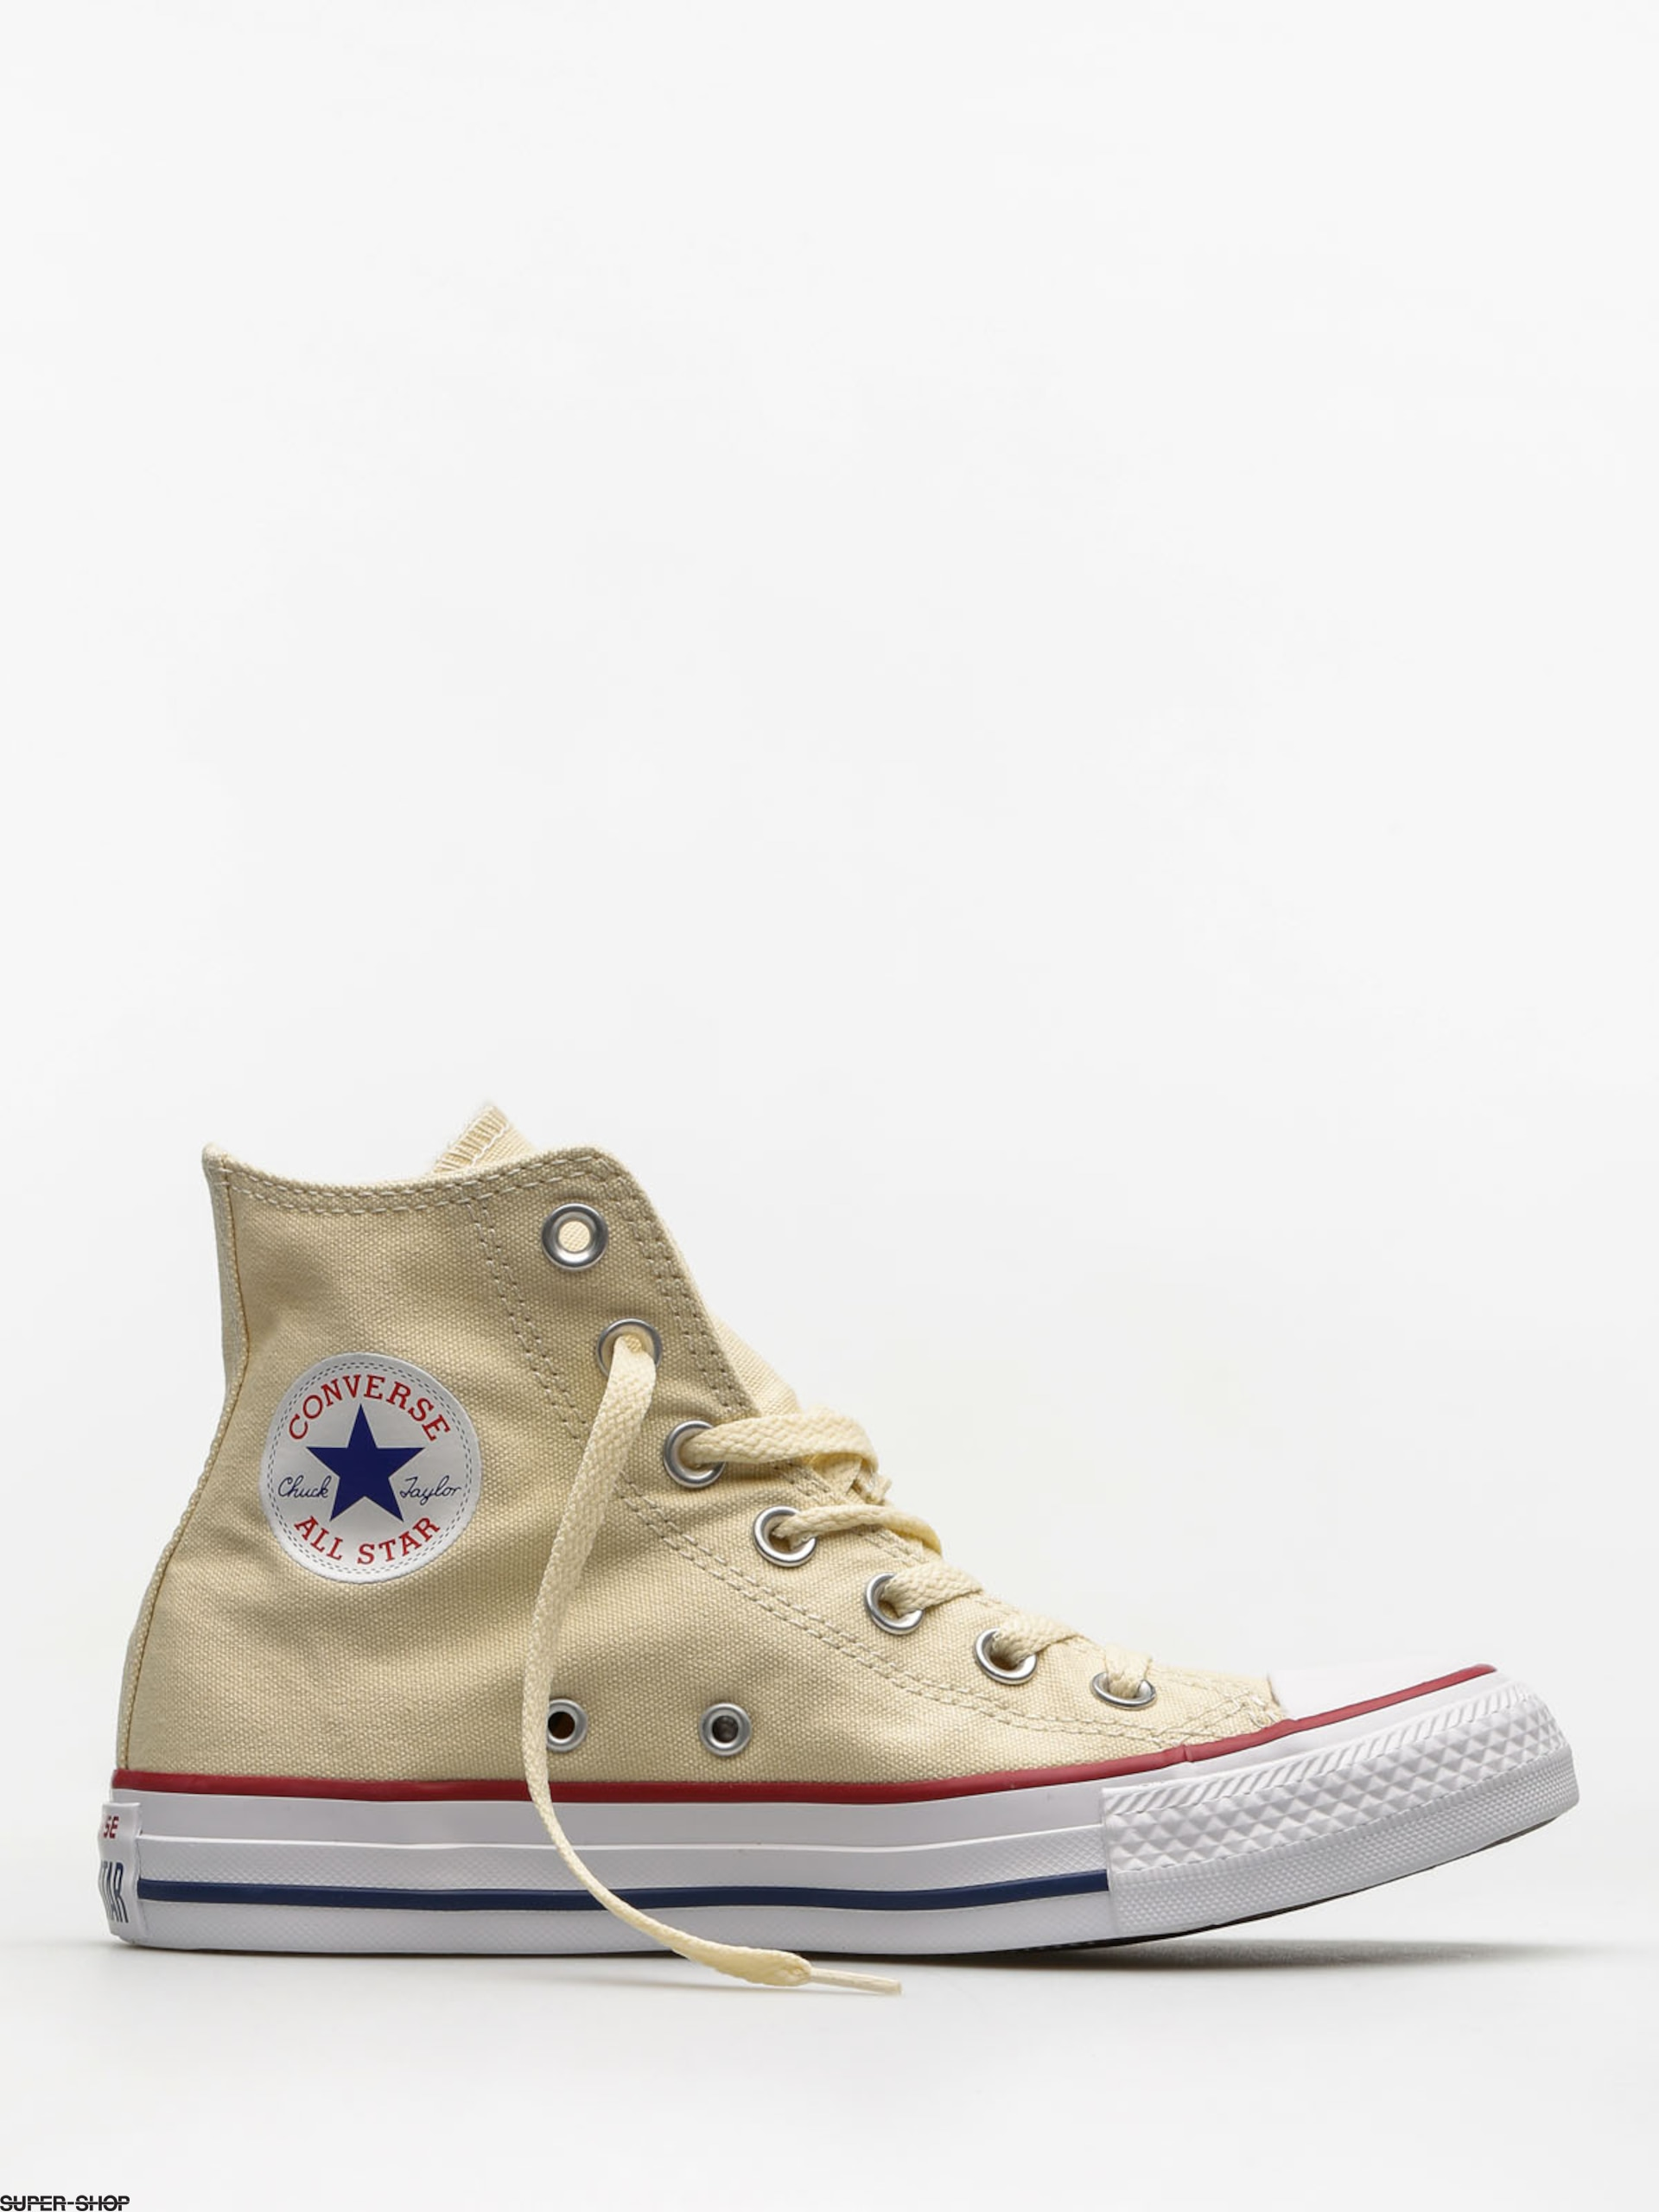 52966c5e81e5 871190-w1920-converse-sneakers-chuck-taylor-all-star-hi-m9162-white.jpg